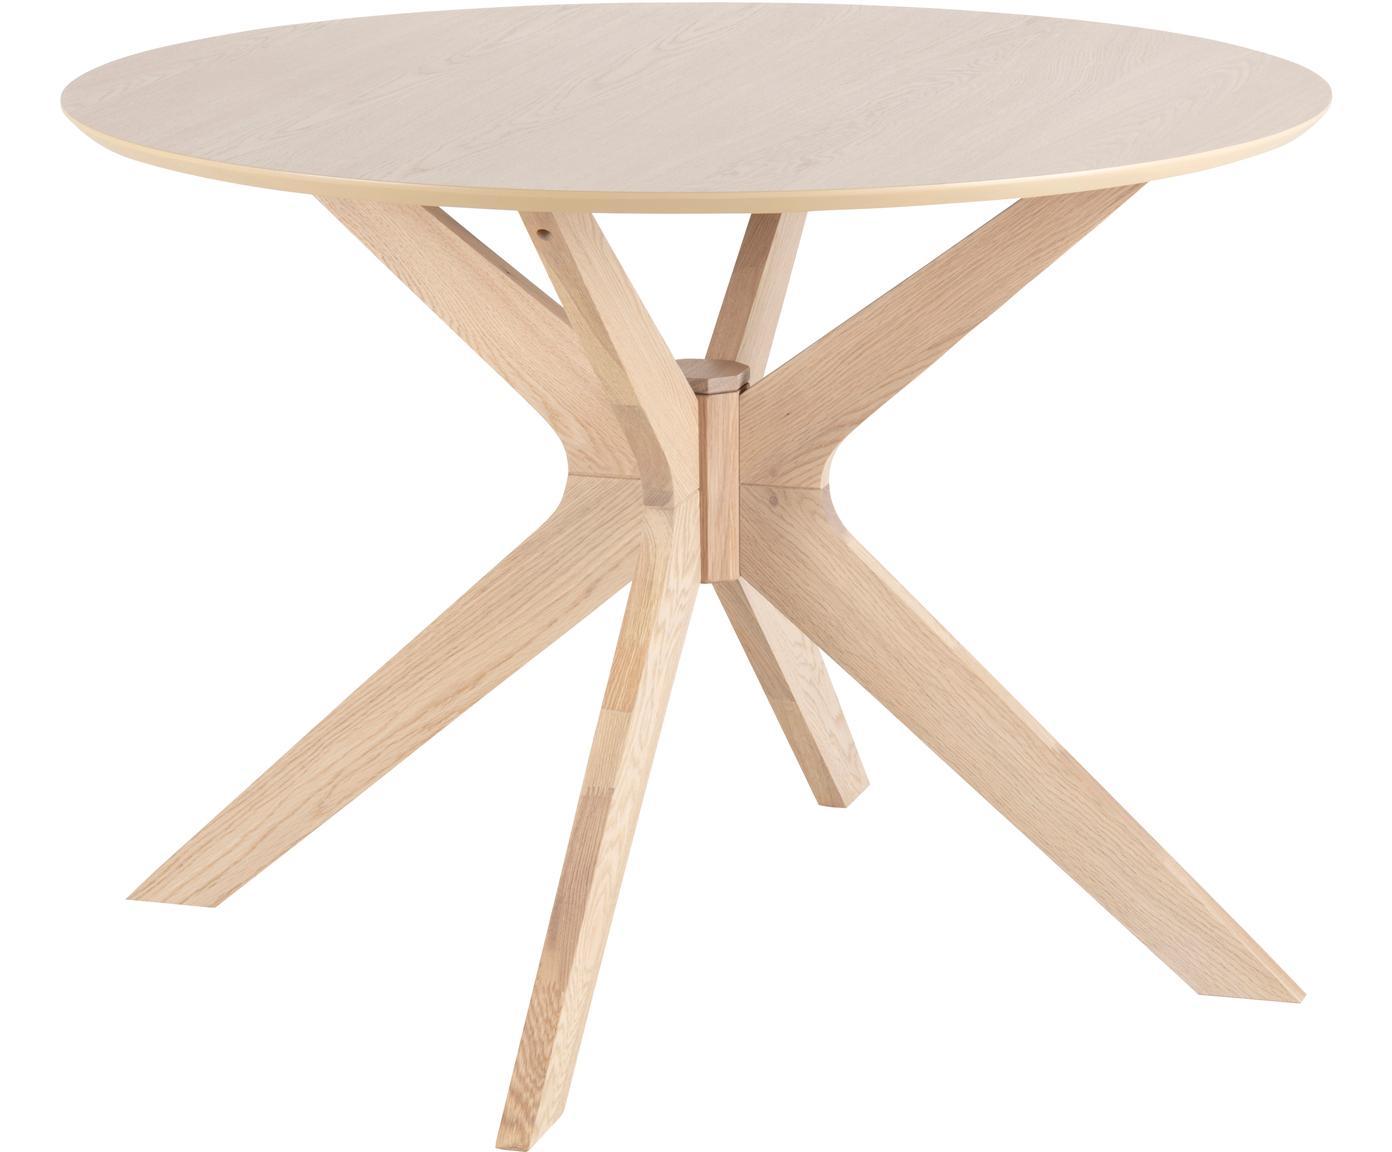 Okrągły stół do jadalni z drewna Duncan, Blat: płyta pilśniowa średniej , Nogi: drewno dębowe, lite, Drewno dębowe, Ø 105 x W 75 cm